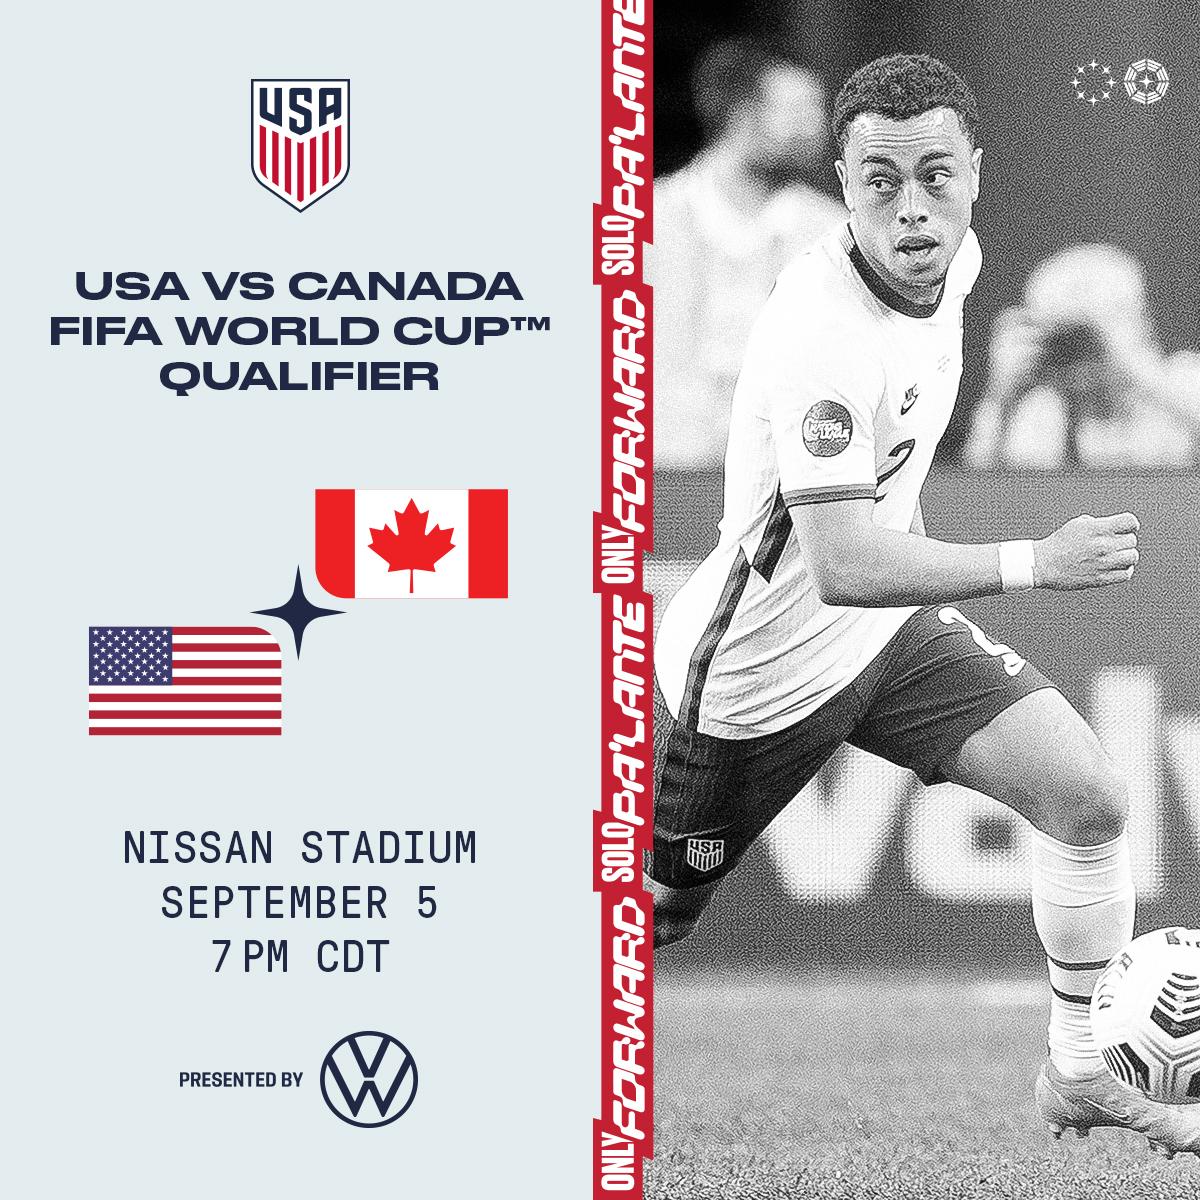 USMNT vs Canada